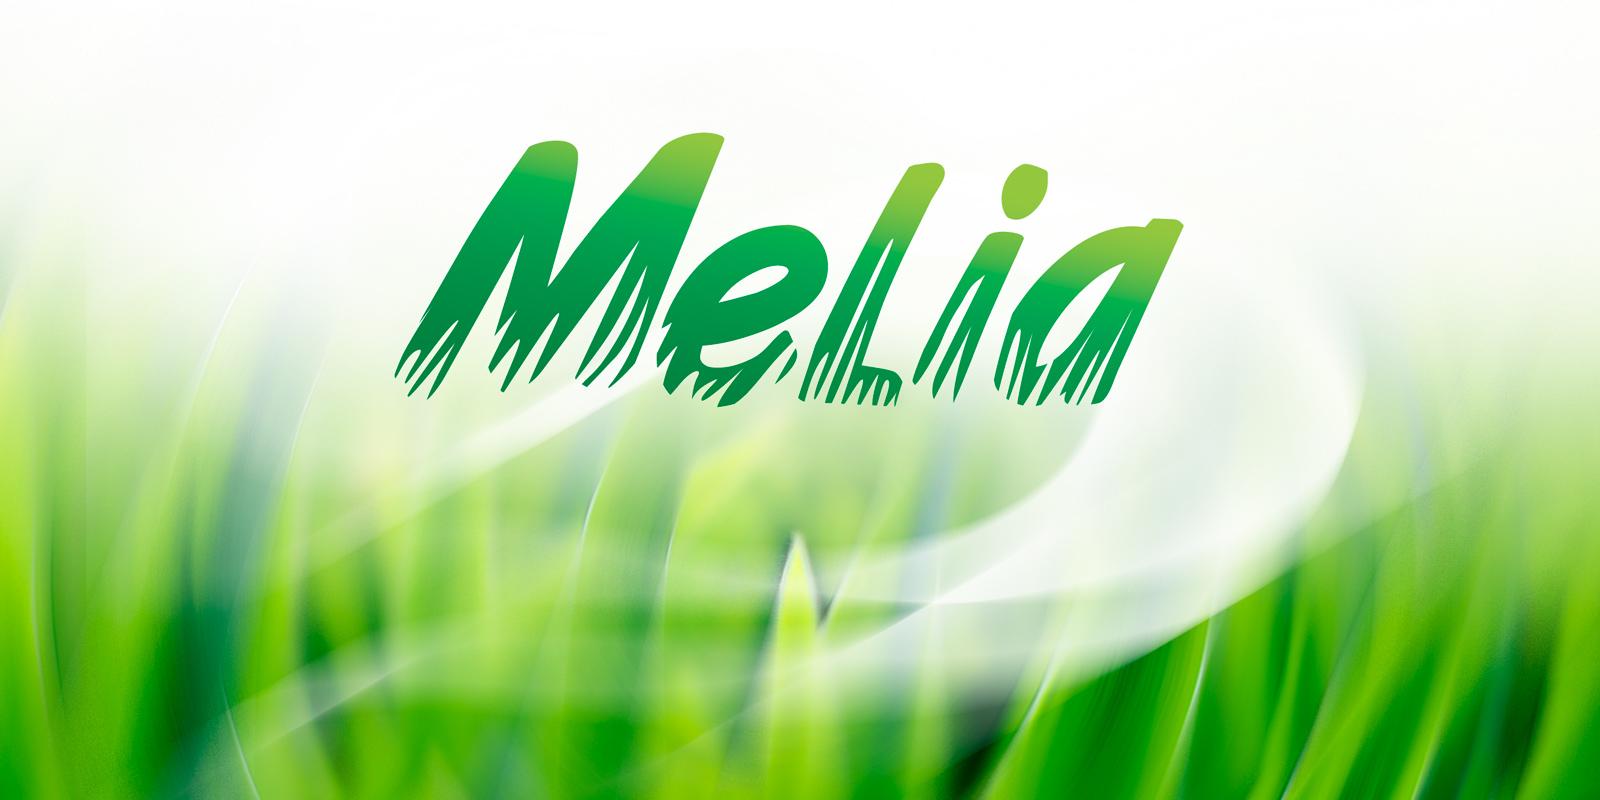 TM Melia;;;;;;Разработка логотипа (влажные салфетки);;;;;;<span>Клиент:</span> Дистрибьюторская компания «Мармонт»;;;;;;;;;;;;Разработка логотипа (влажные салфетки);;;;;;1